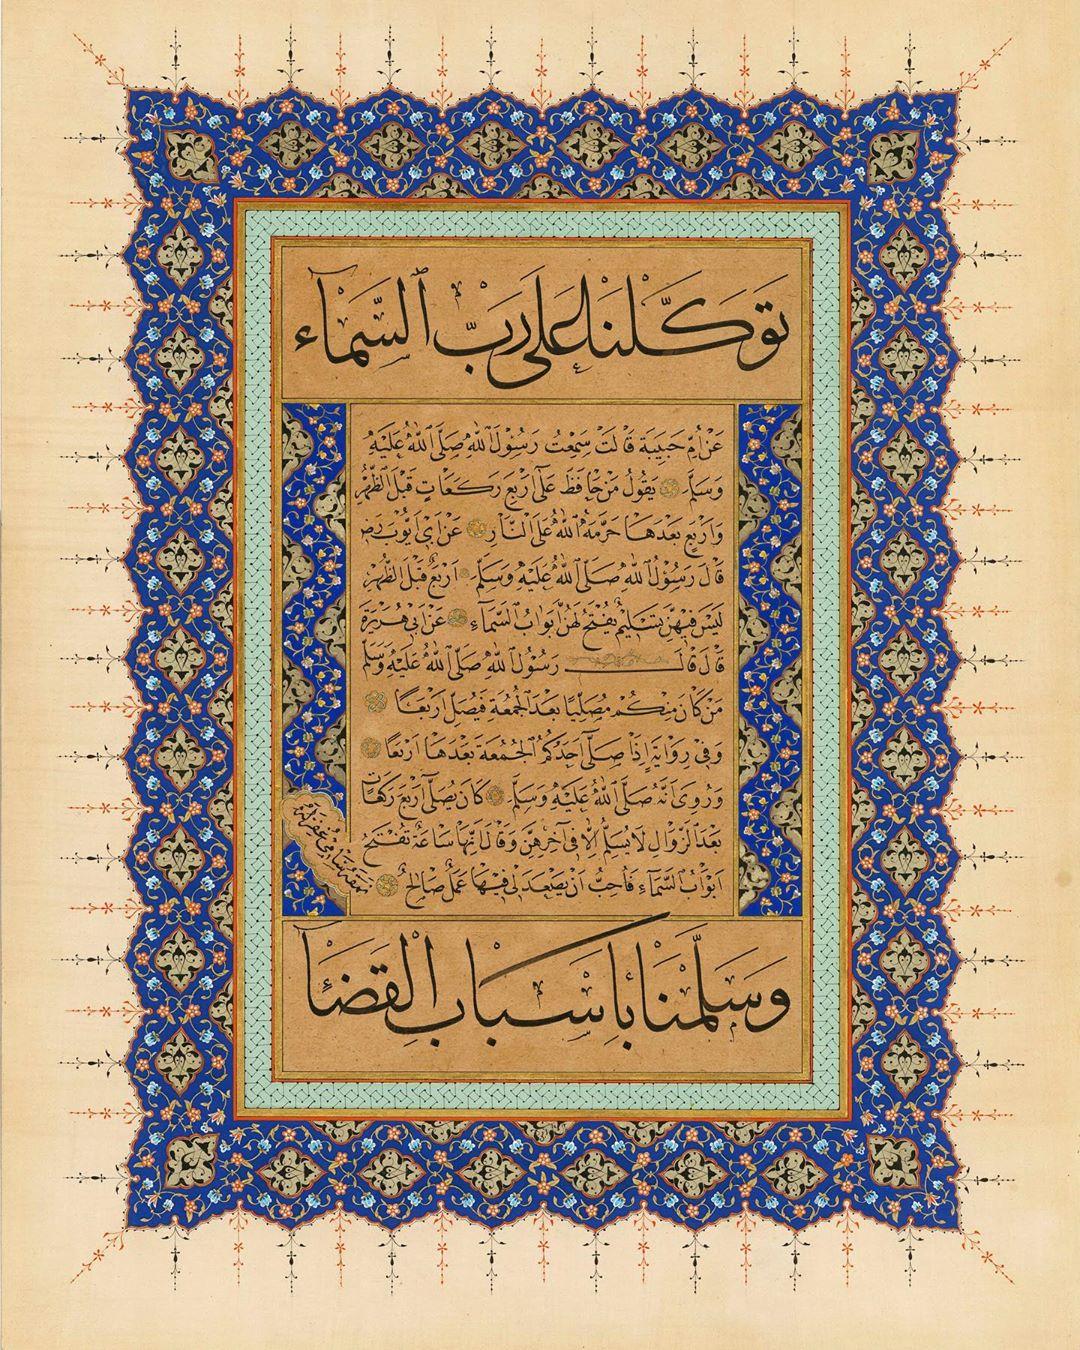 Apk Website For Arabic Calligraphy Hayırlı Cumalar Semânın Rabbine tevekkül ettik! Kaderin hükmüne teslim olduk! Ü... 710 1